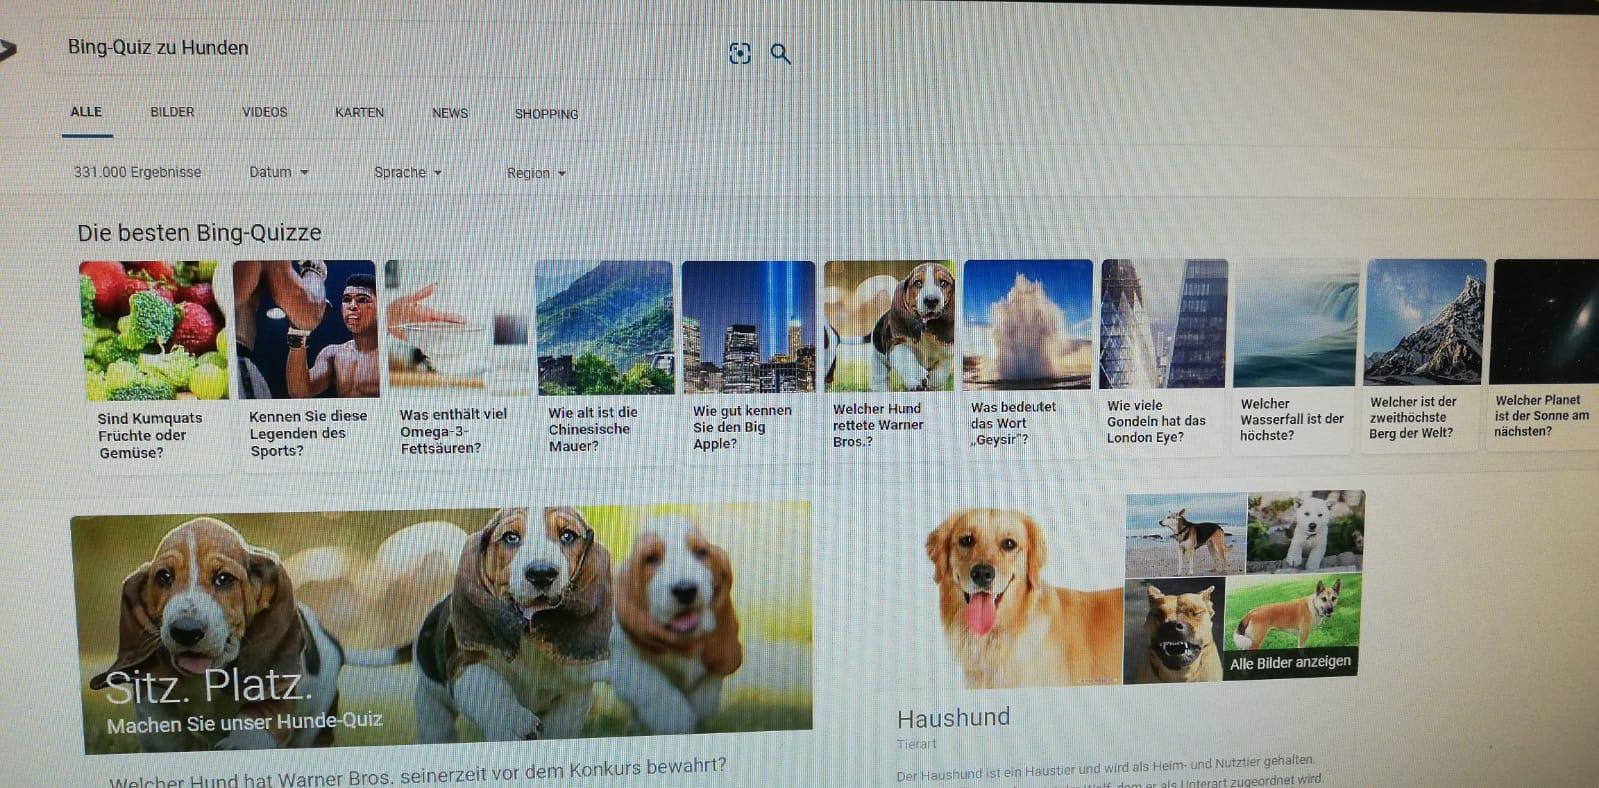 Bing Suche nach Anmeldung.jpeg